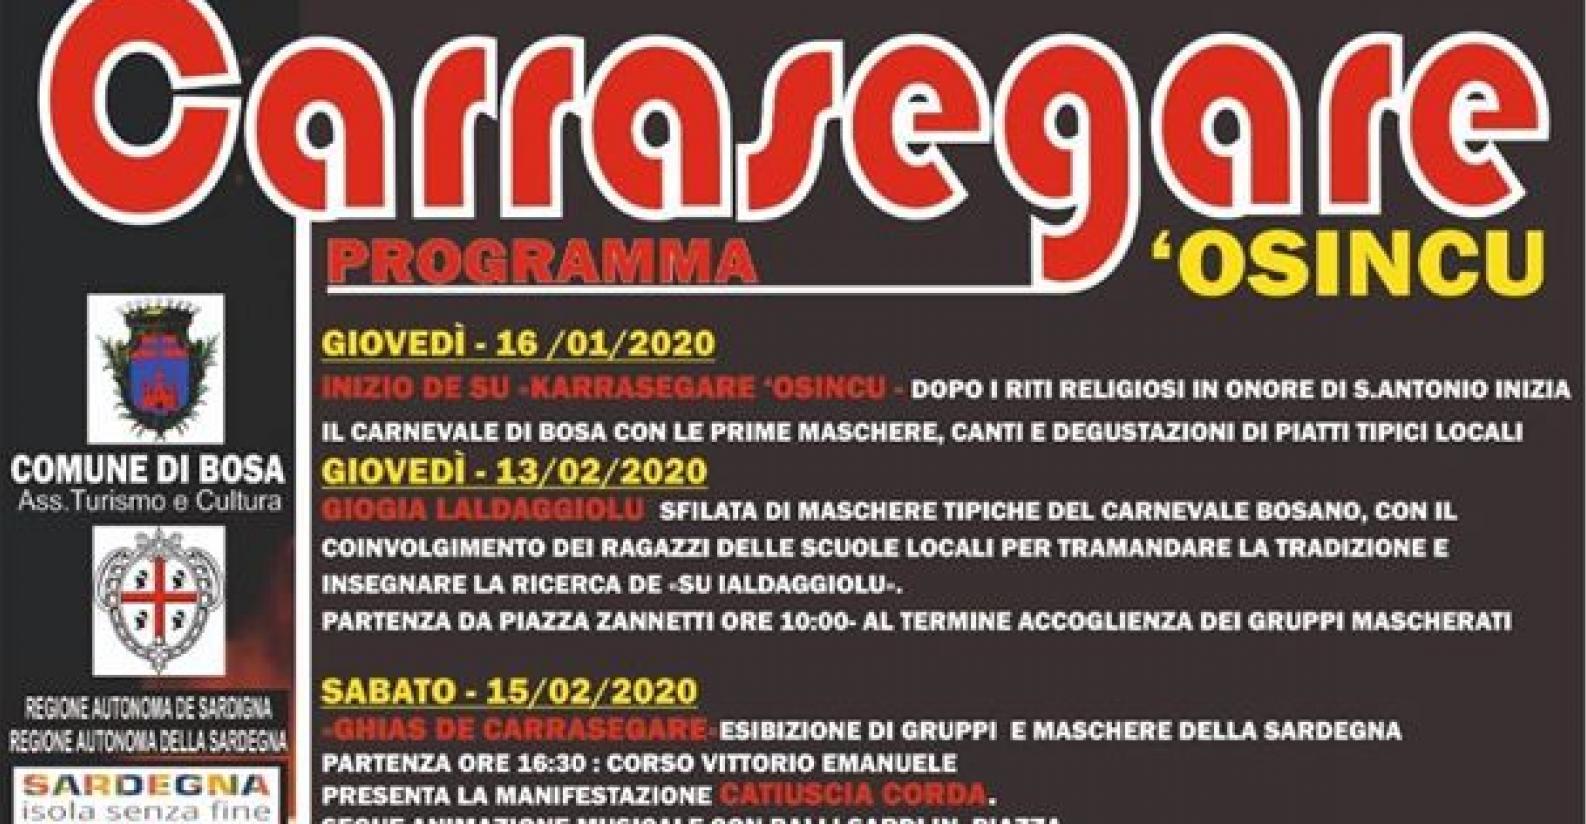 bosa_carrasegare_osincu_2020